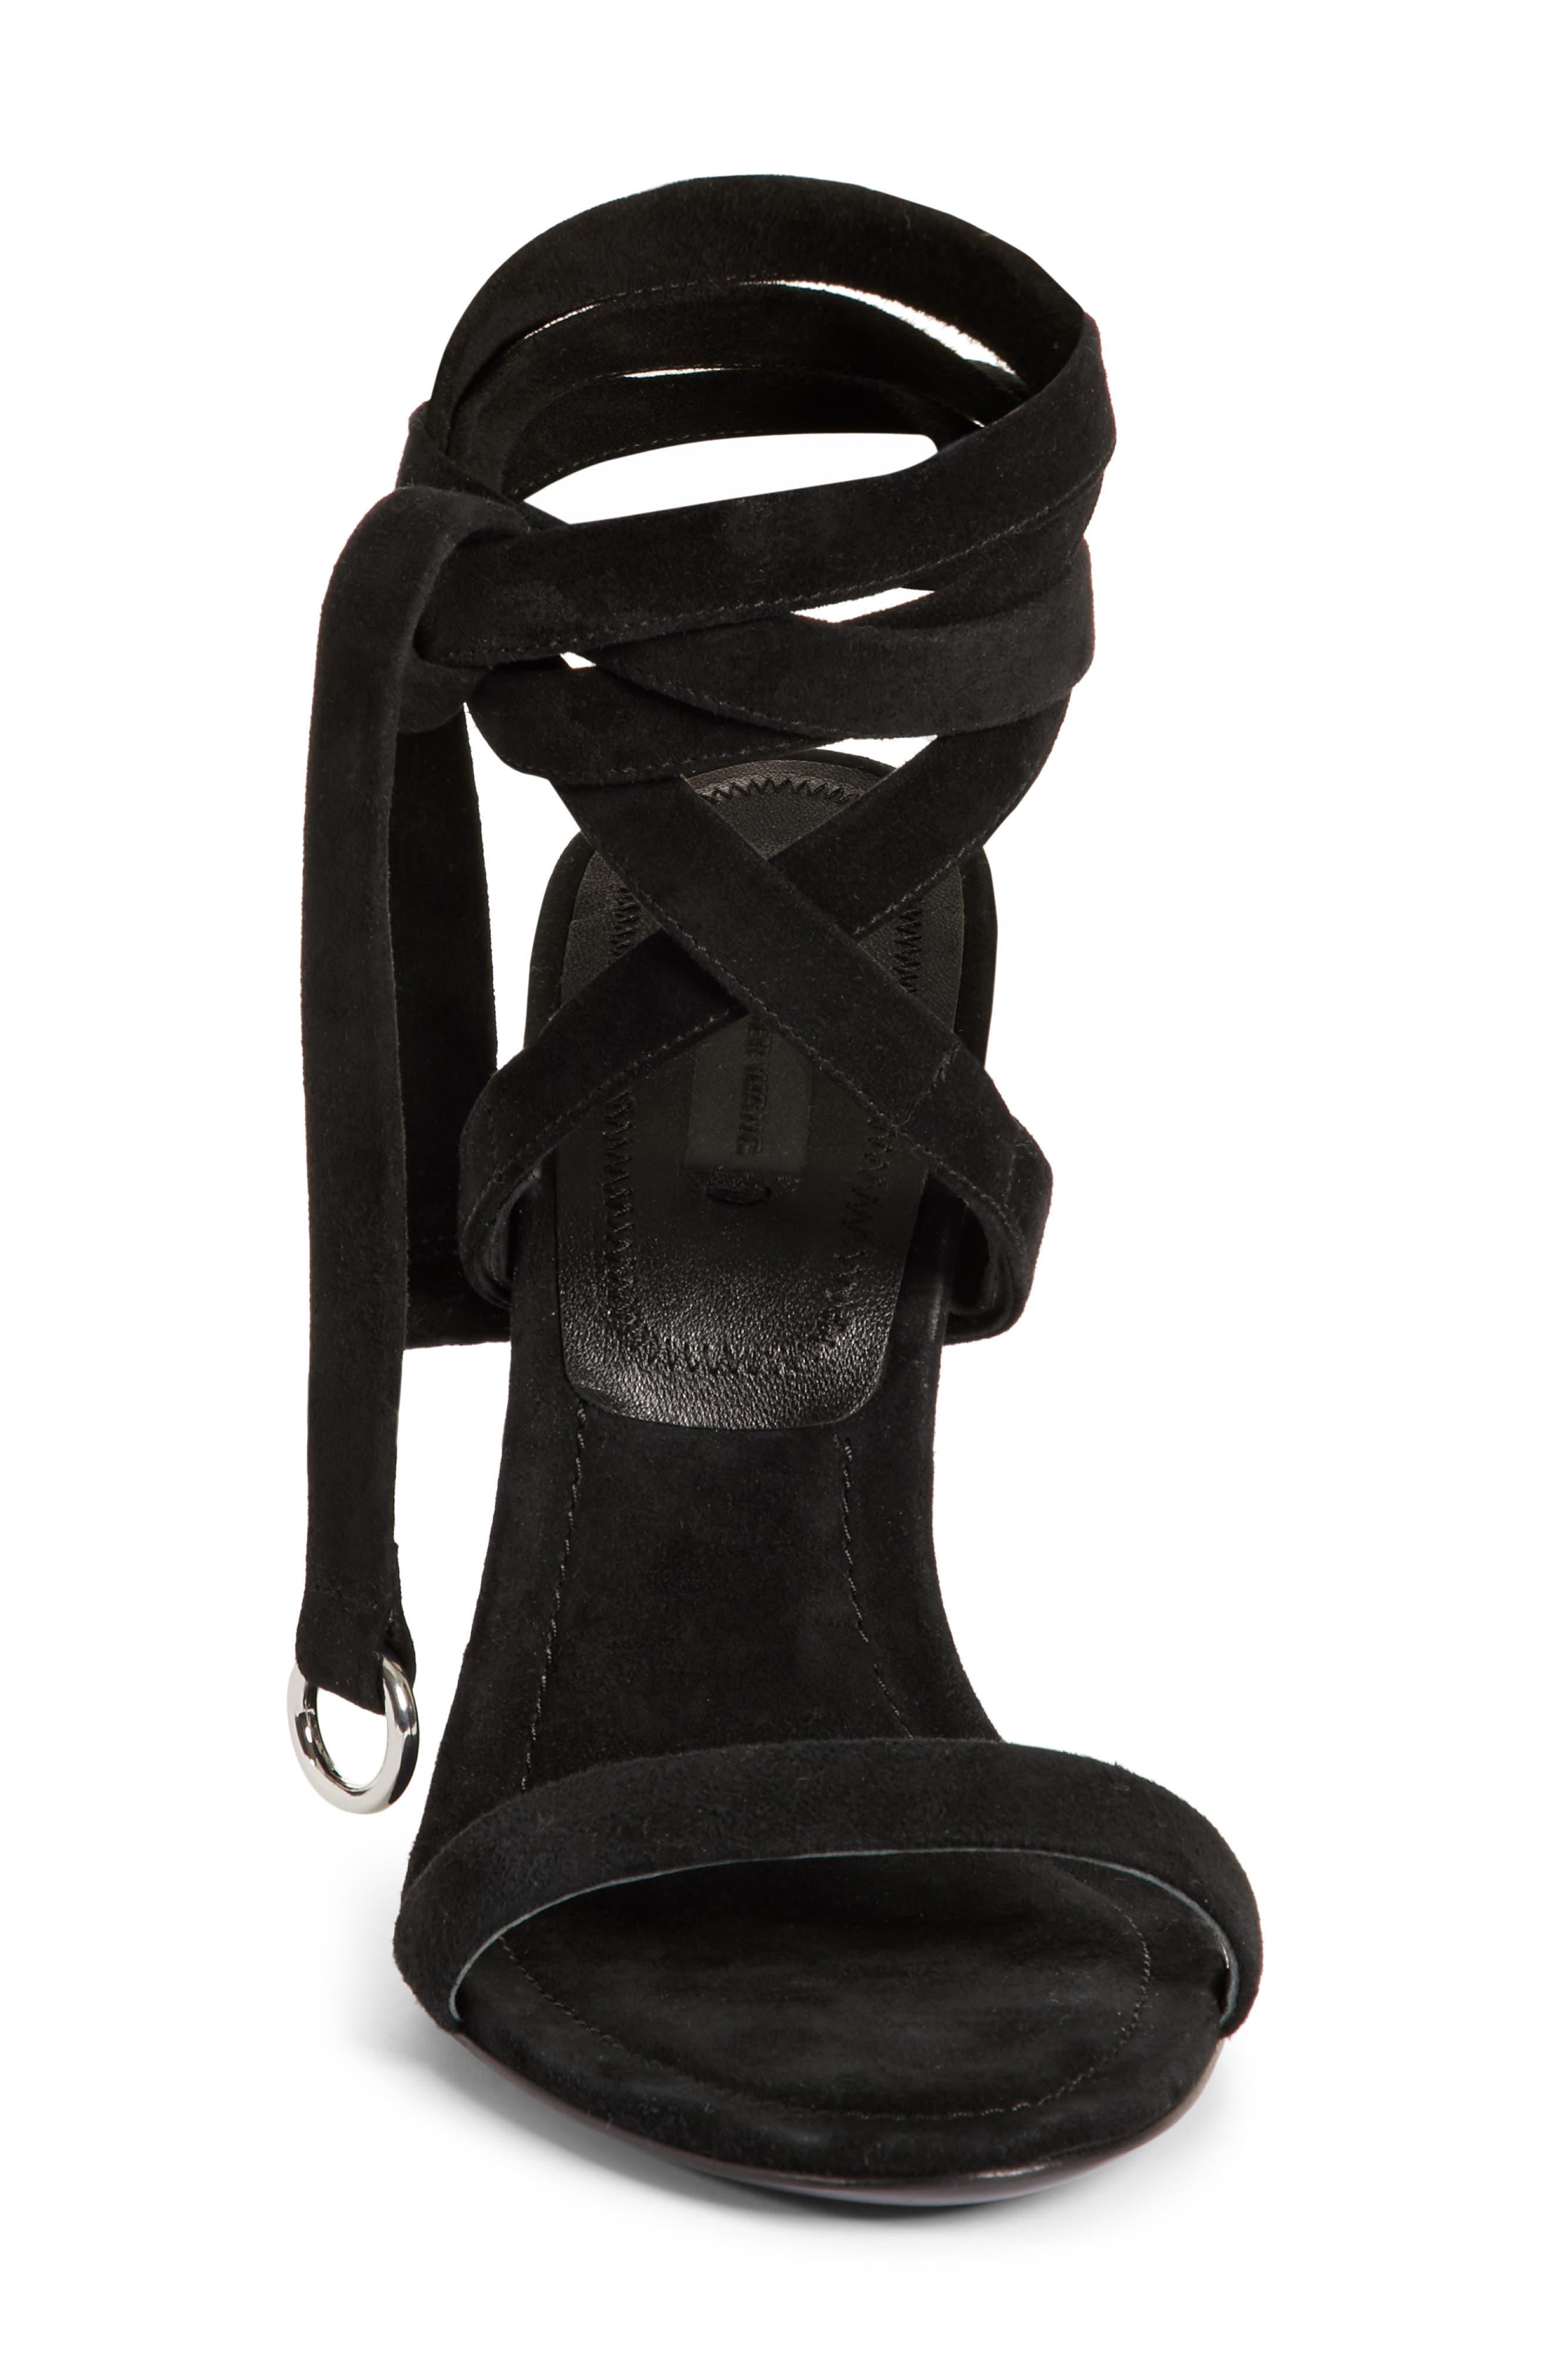 Evie Ankle Tie Sandal,                             Alternate thumbnail 4, color,                             Black